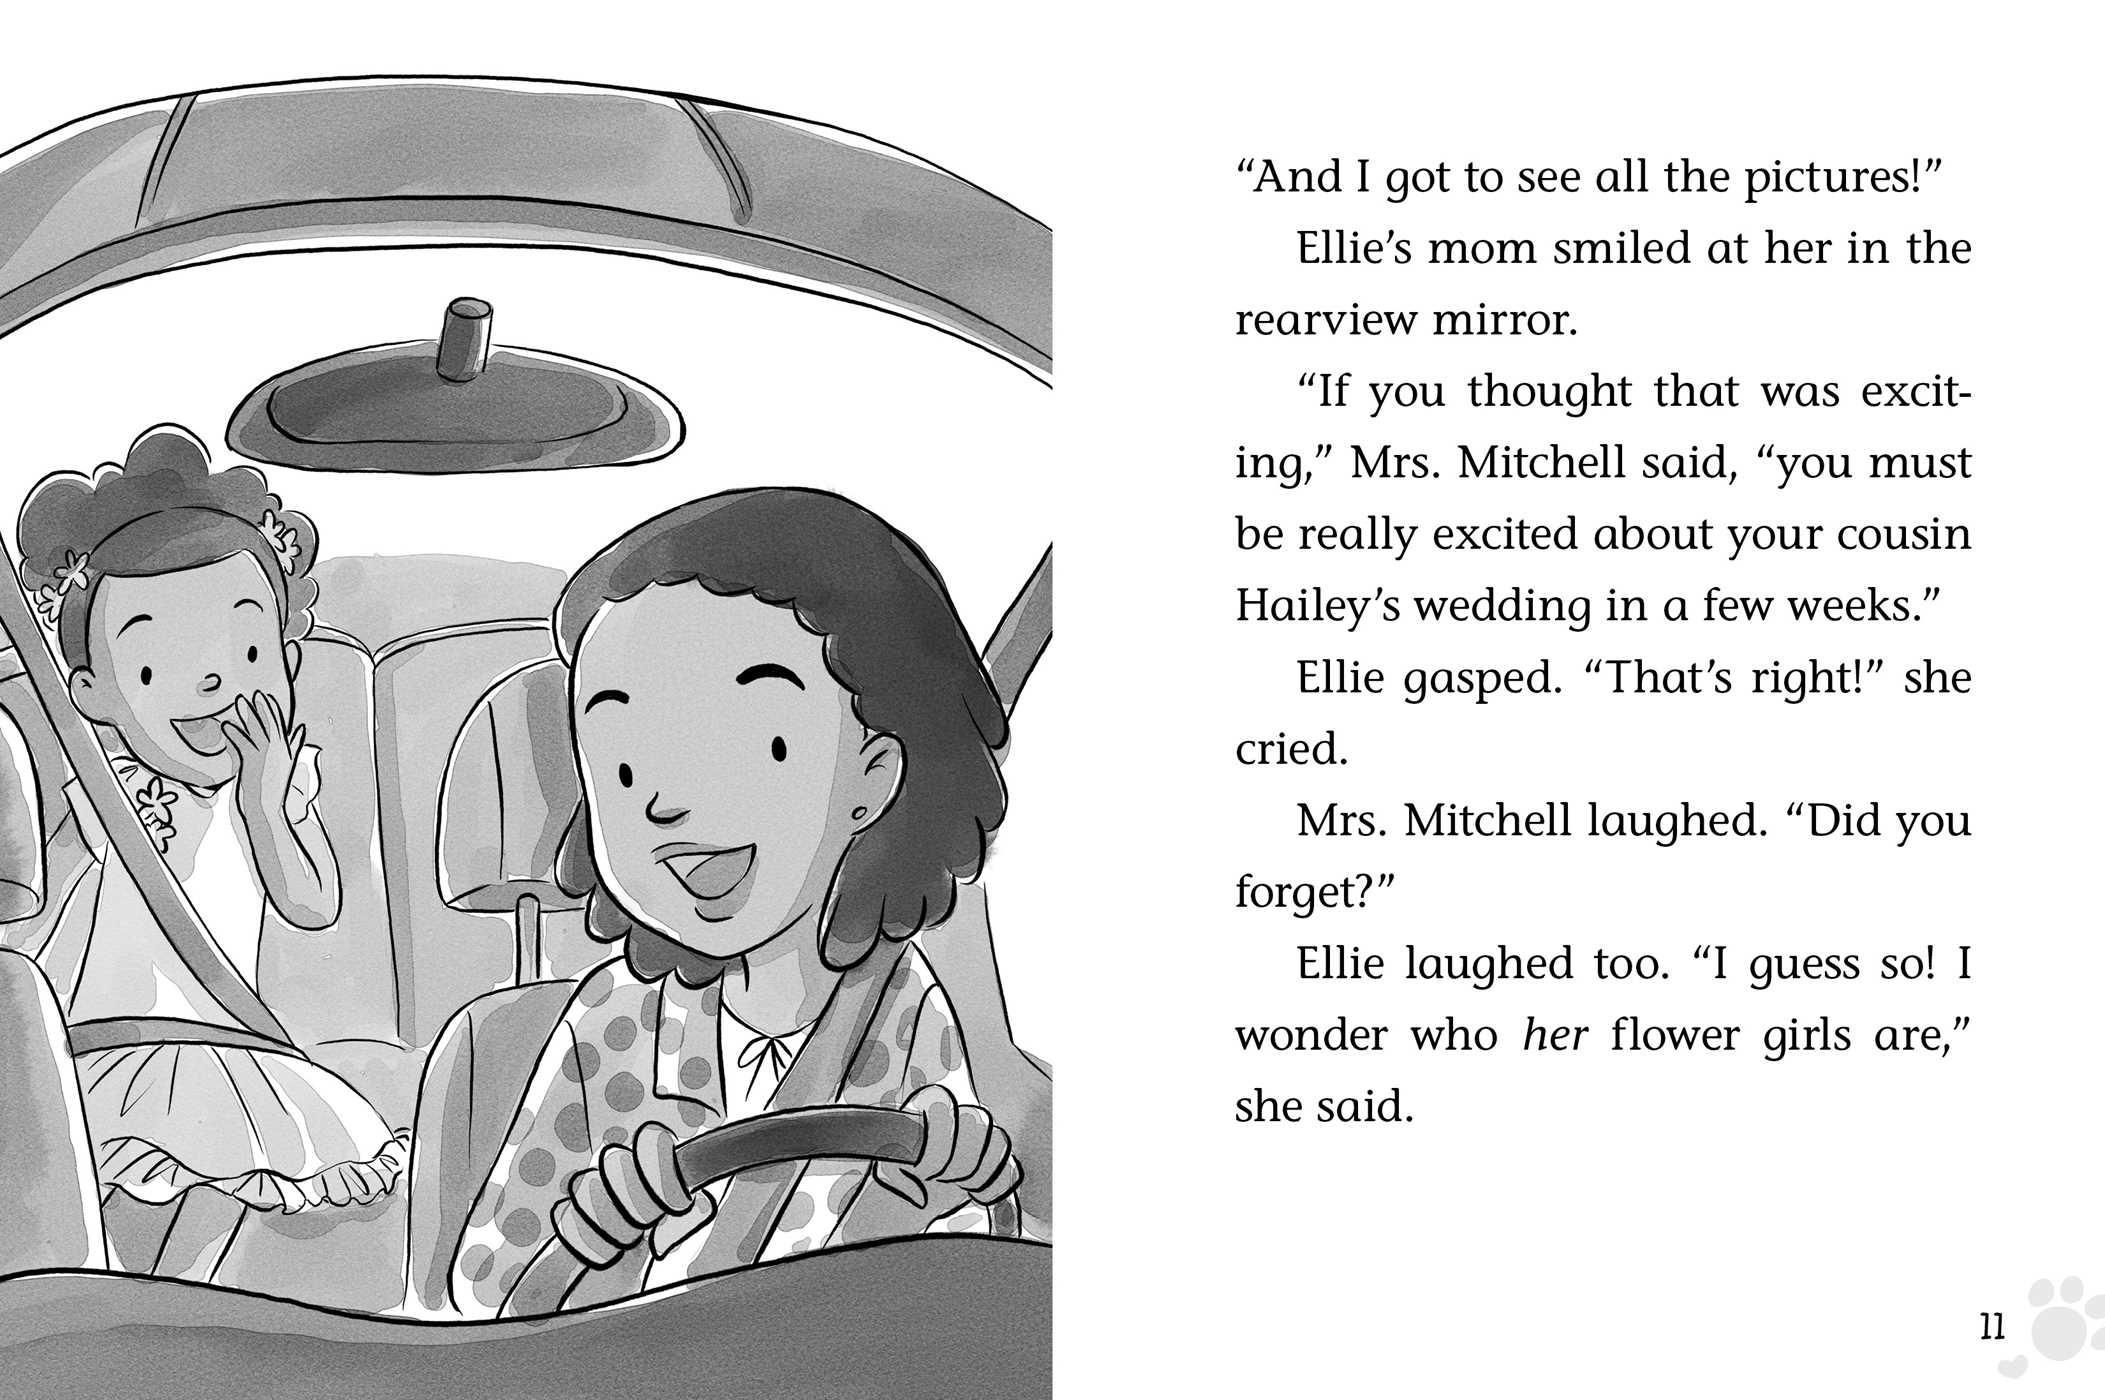 Ellie the flower girl 9781481467186.in03